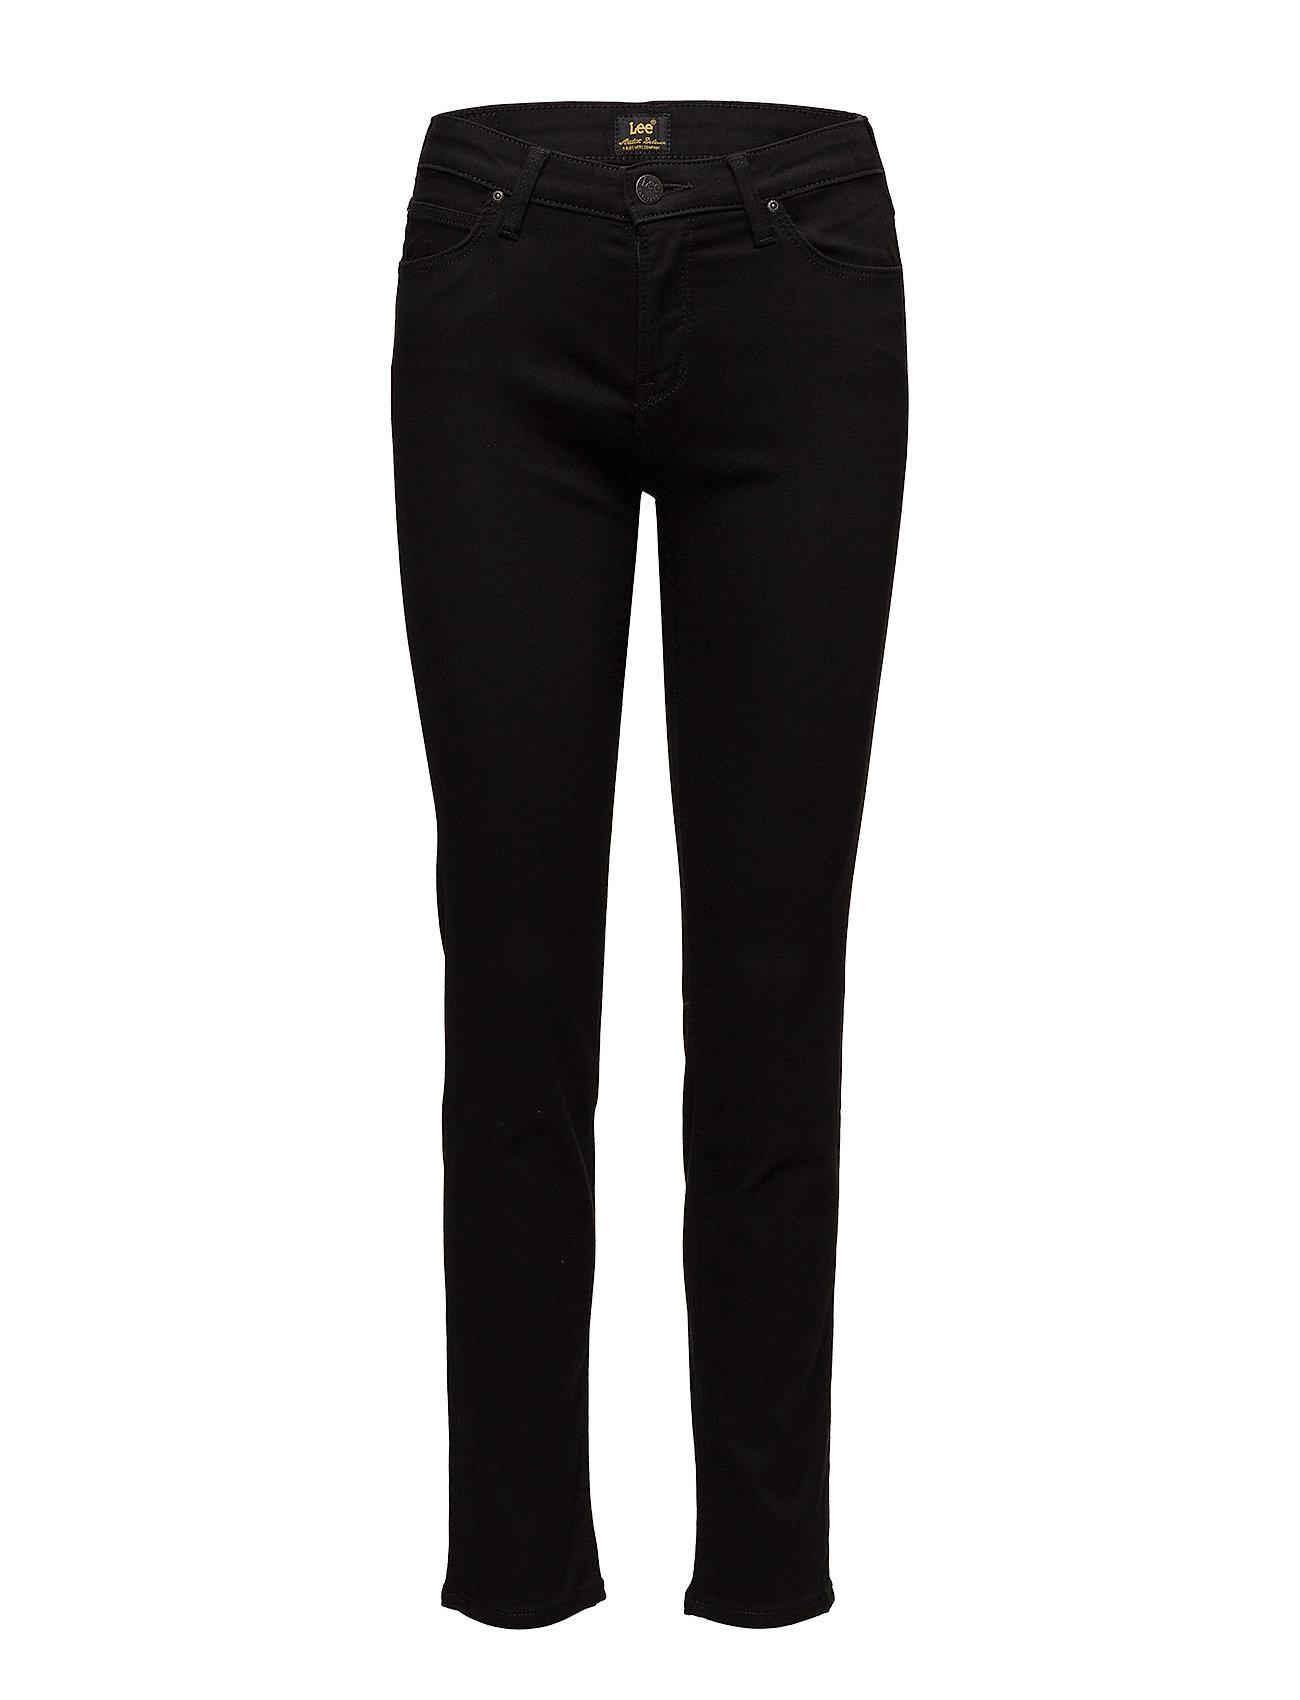 Lee Jeans ELLY - BLACK RINSE